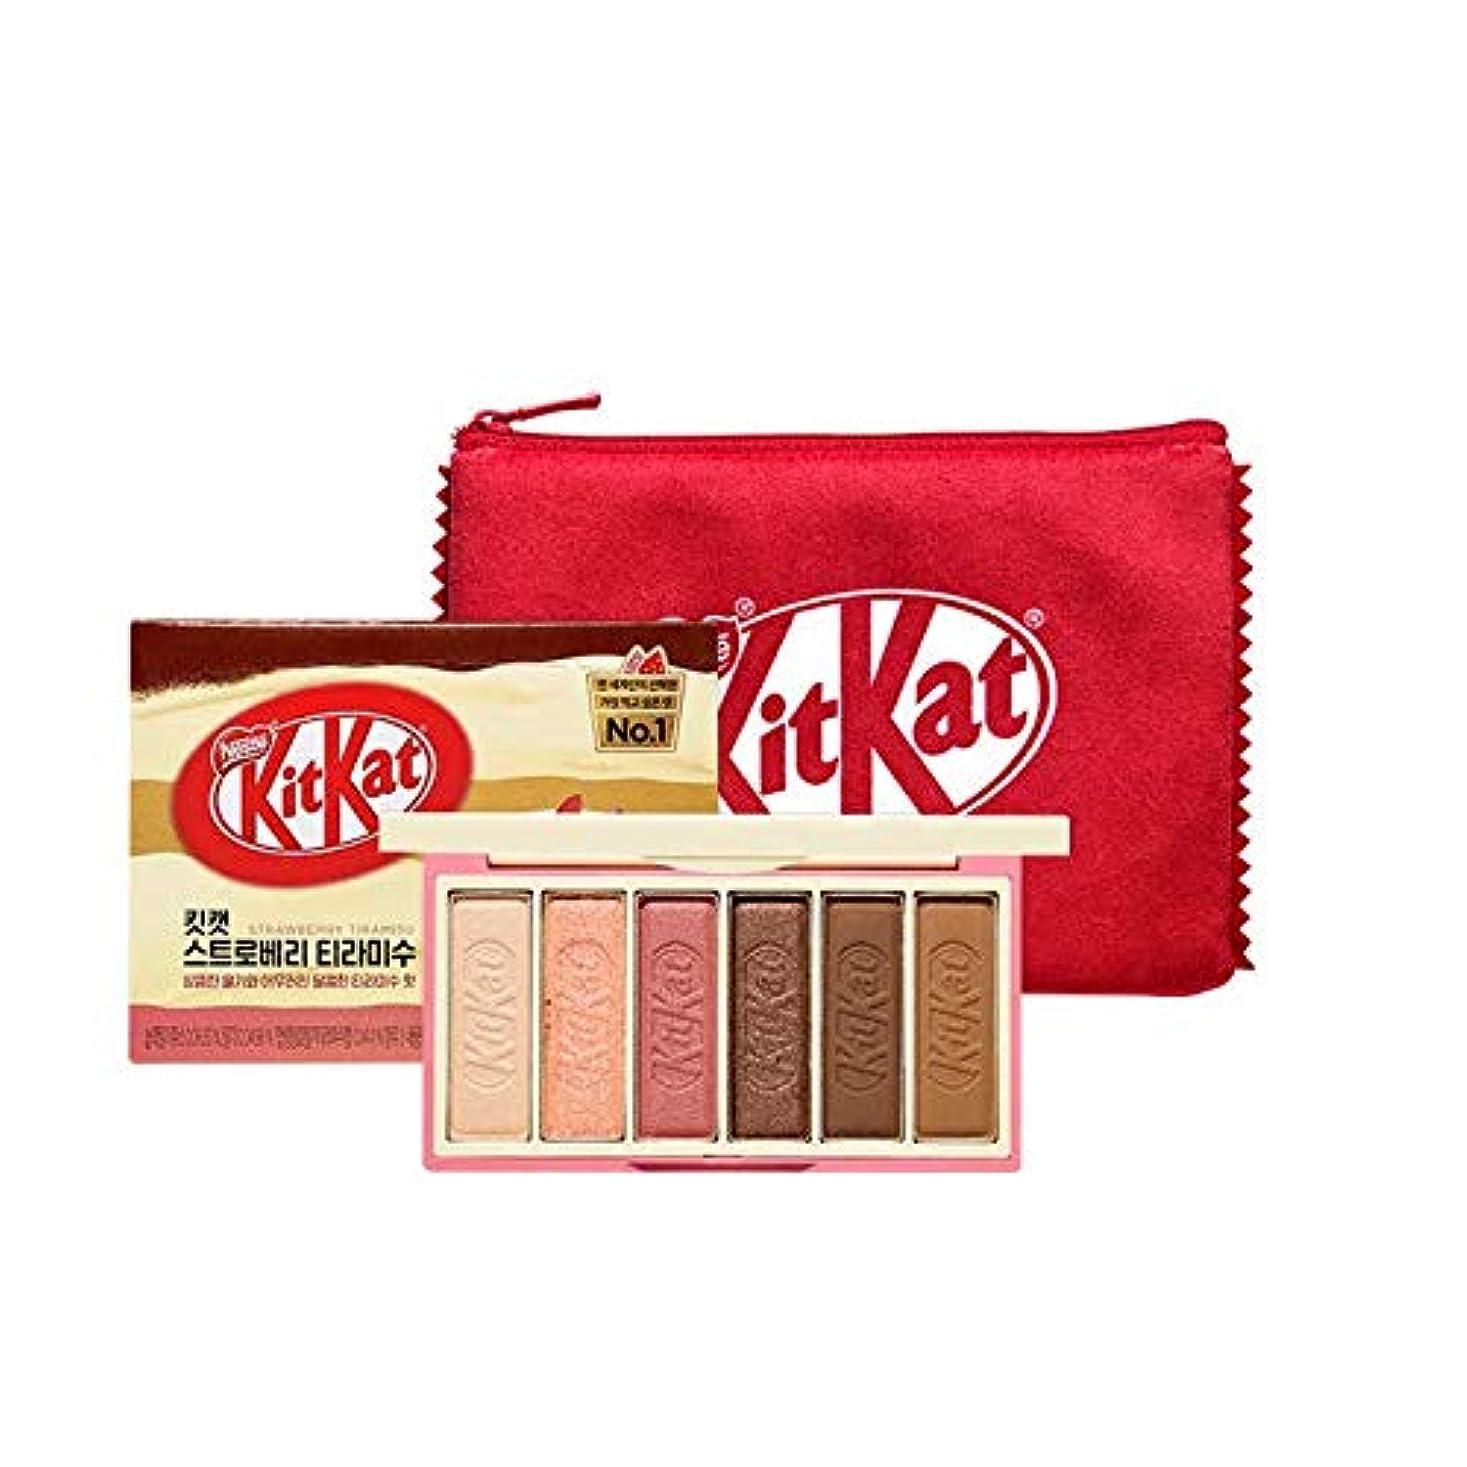 真剣にステートメントジョガーエチュードハウス キットカット プレイカラー アイズ ミニ キット 1*6g / ETUDE HOUSE KitKat Play Color Eyes Mini Kit #2 KitKat Strawberry Tiramisu [並行輸入品]